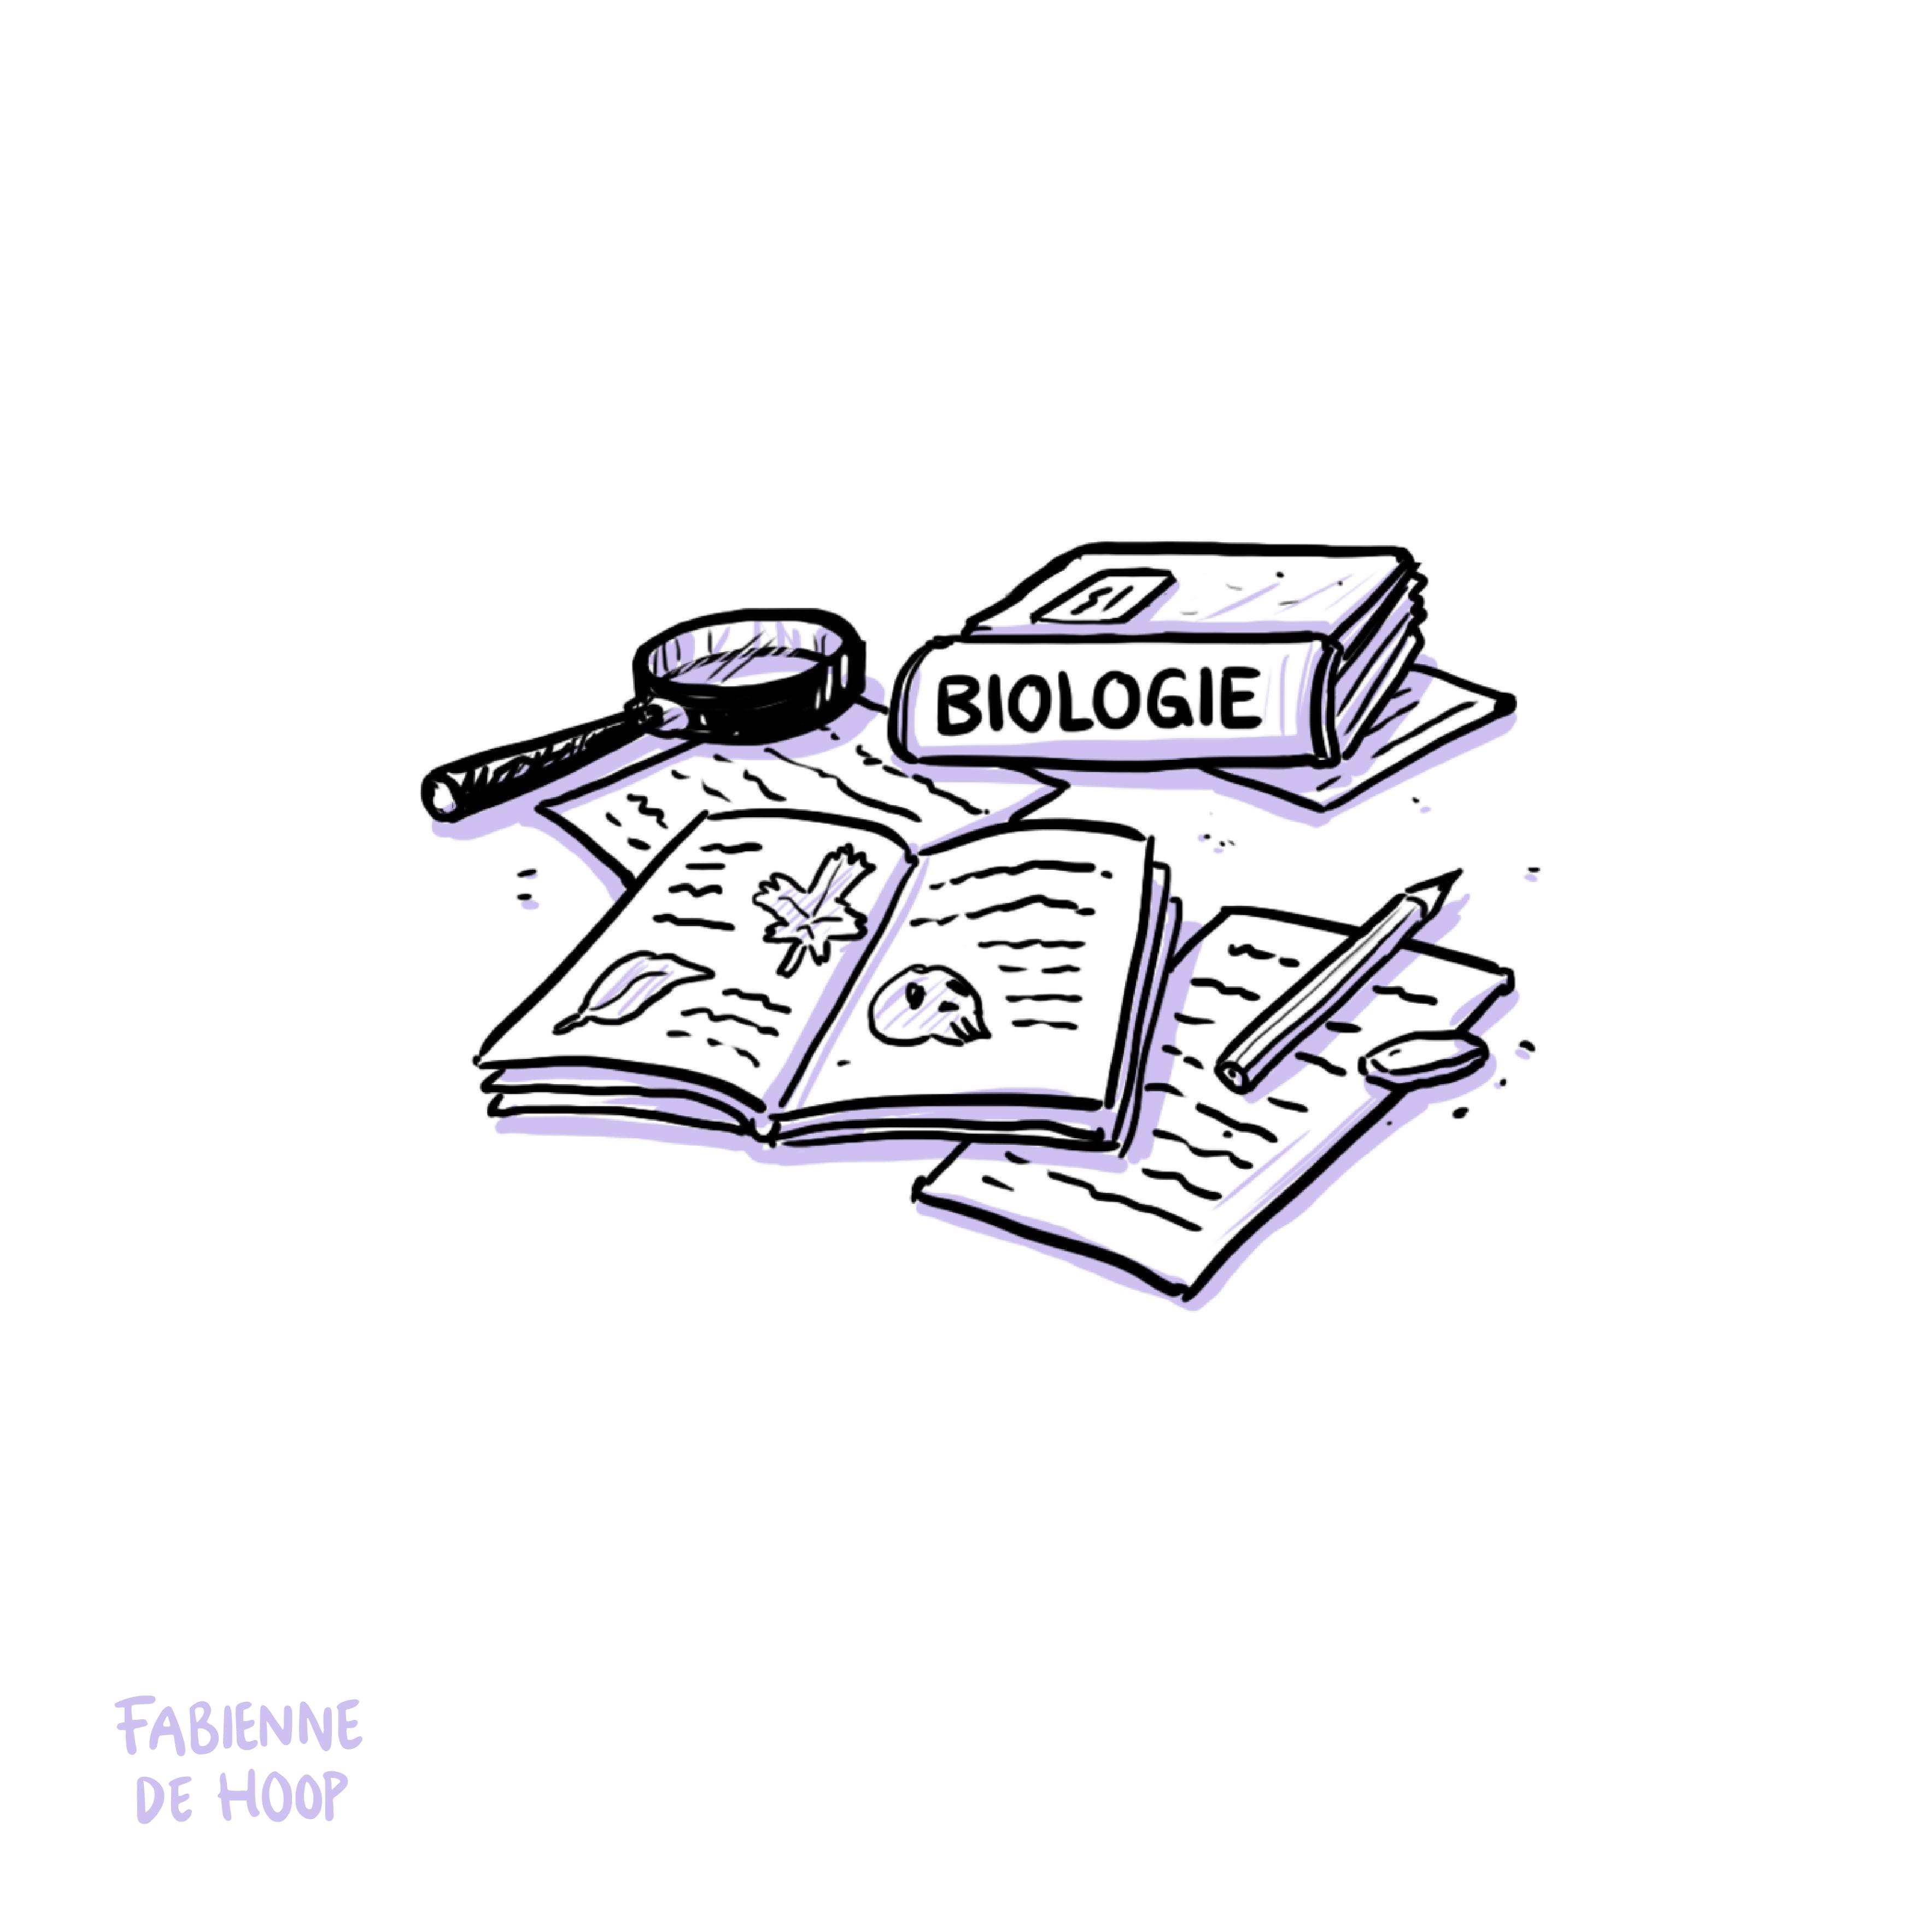 Examengevat illustratie voor biologie met boeken